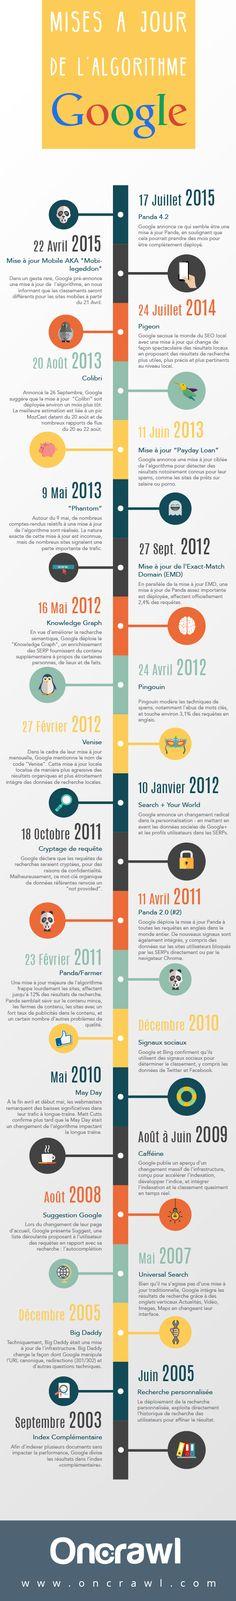 Info Magazine: Les mises à jour de l'algorithme Google [infographie]